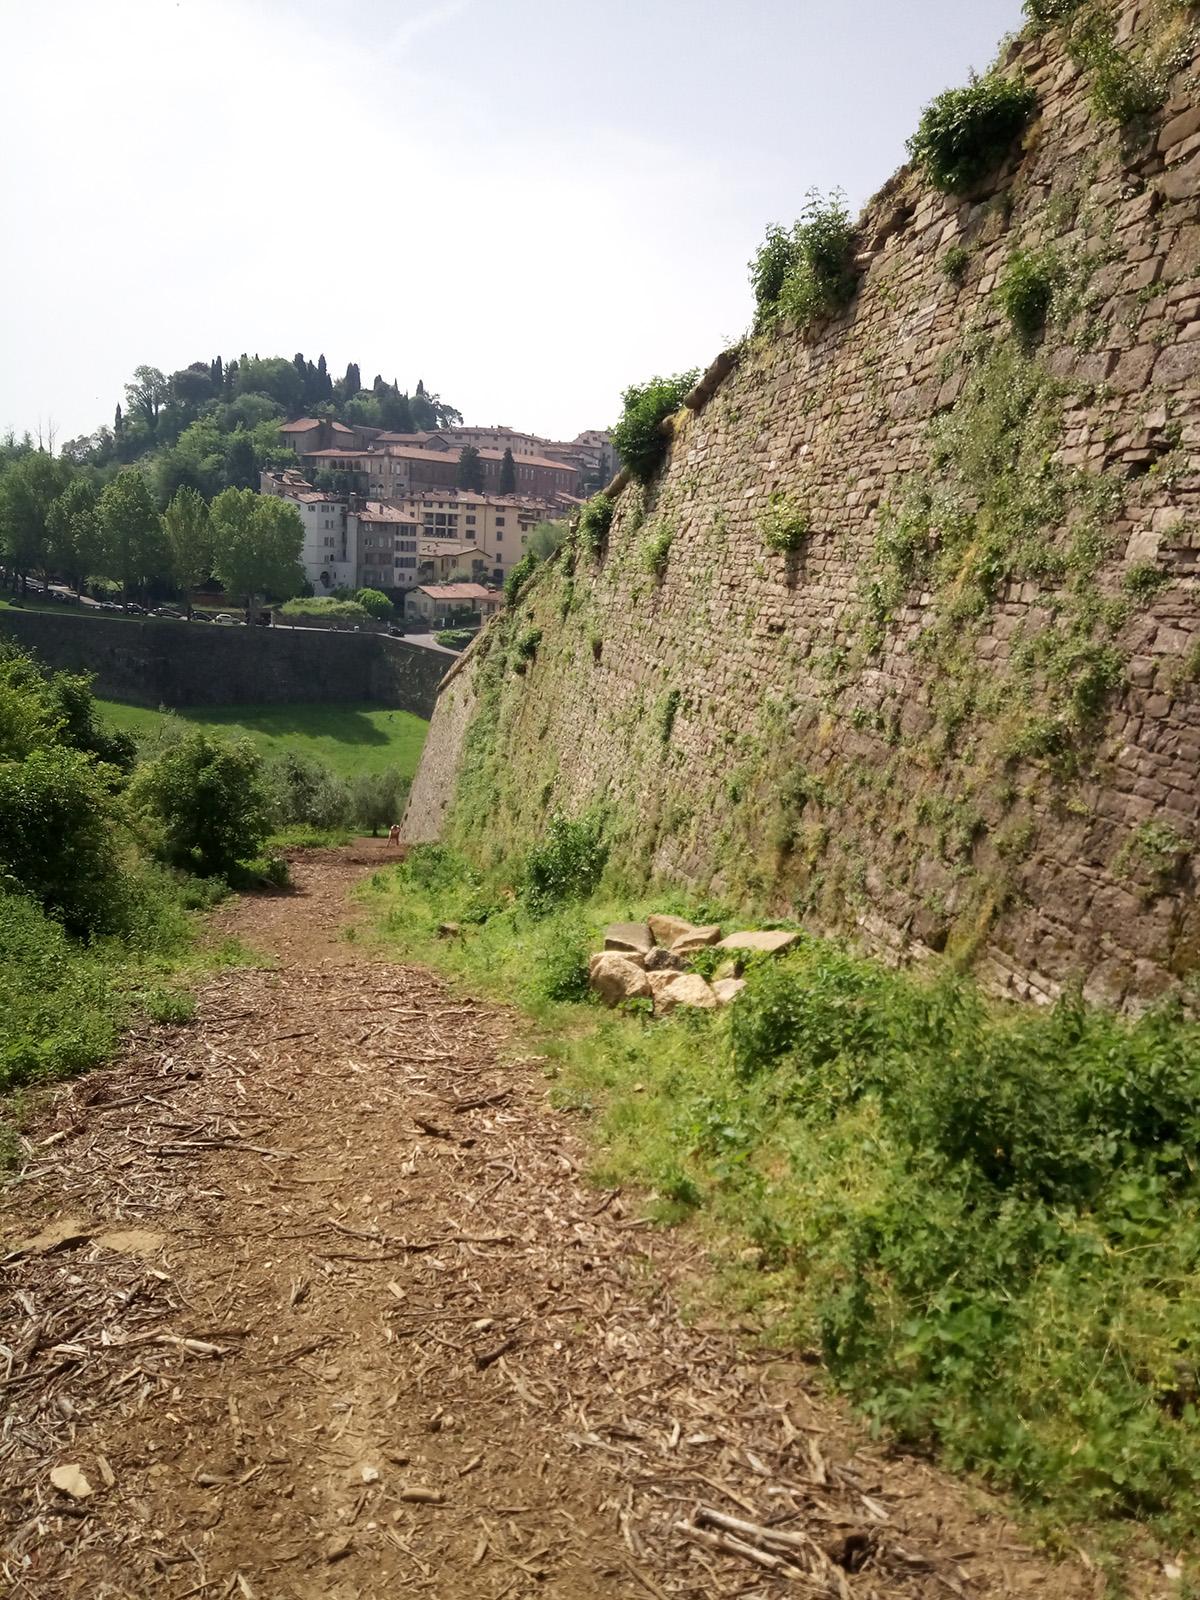 Perico-Renato-Bergamo, Città Alta - Mura venete - Restauro 19